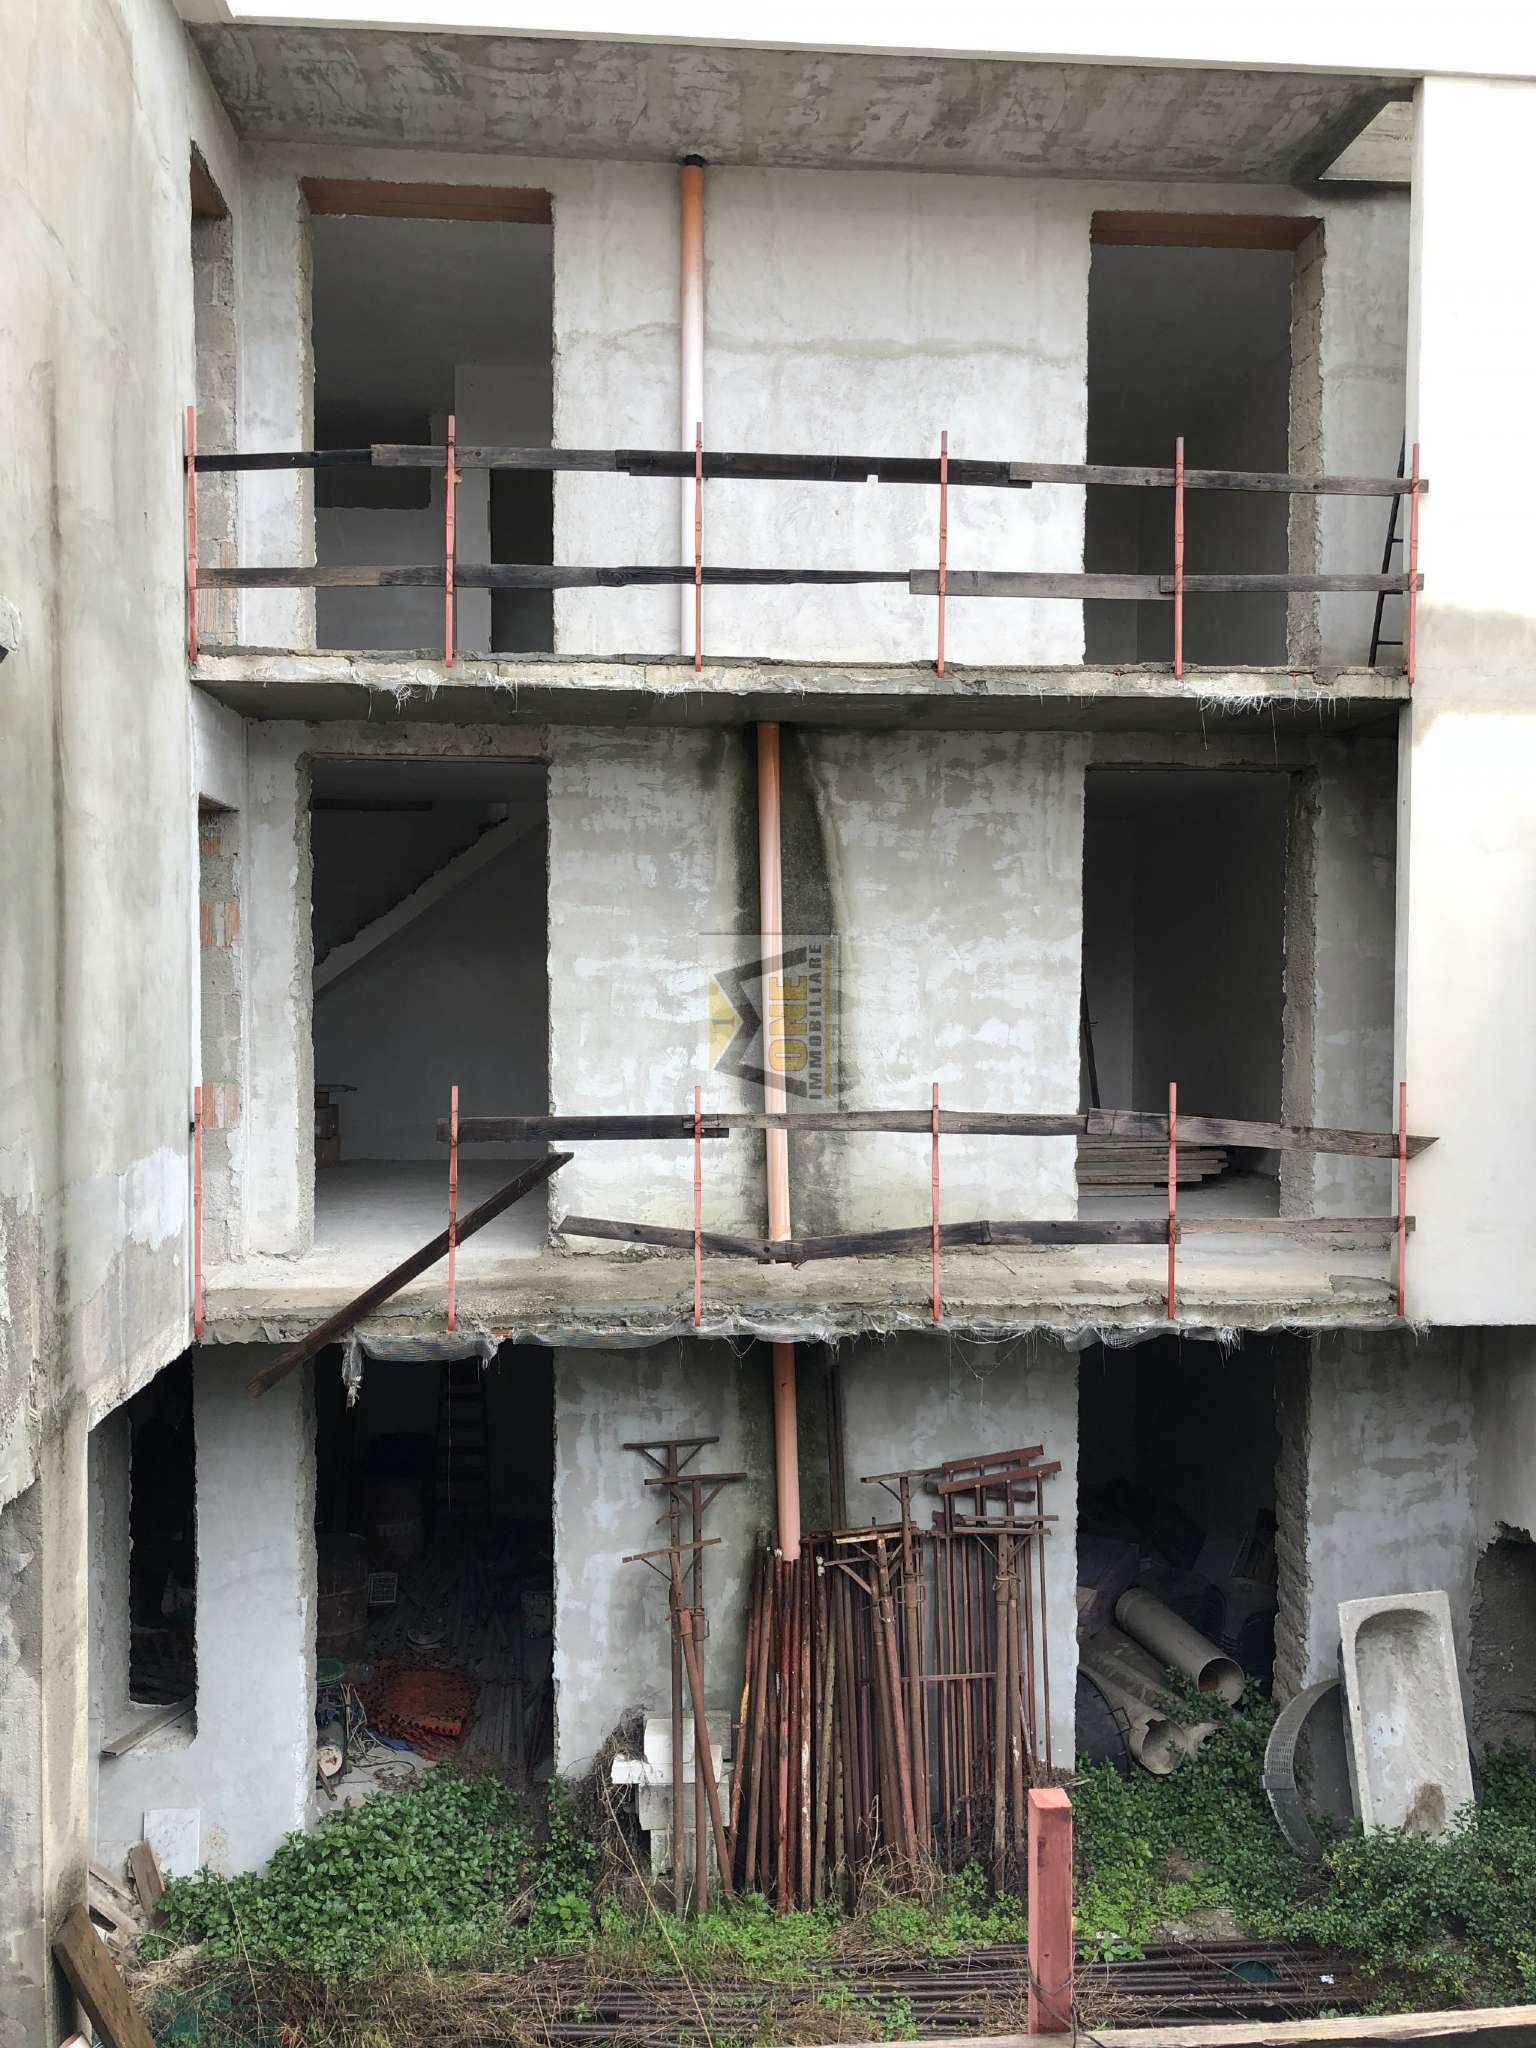 Palazzo / Stabile in vendita a Giugliano in Campania, 7 locali, prezzo € 330.000   CambioCasa.it